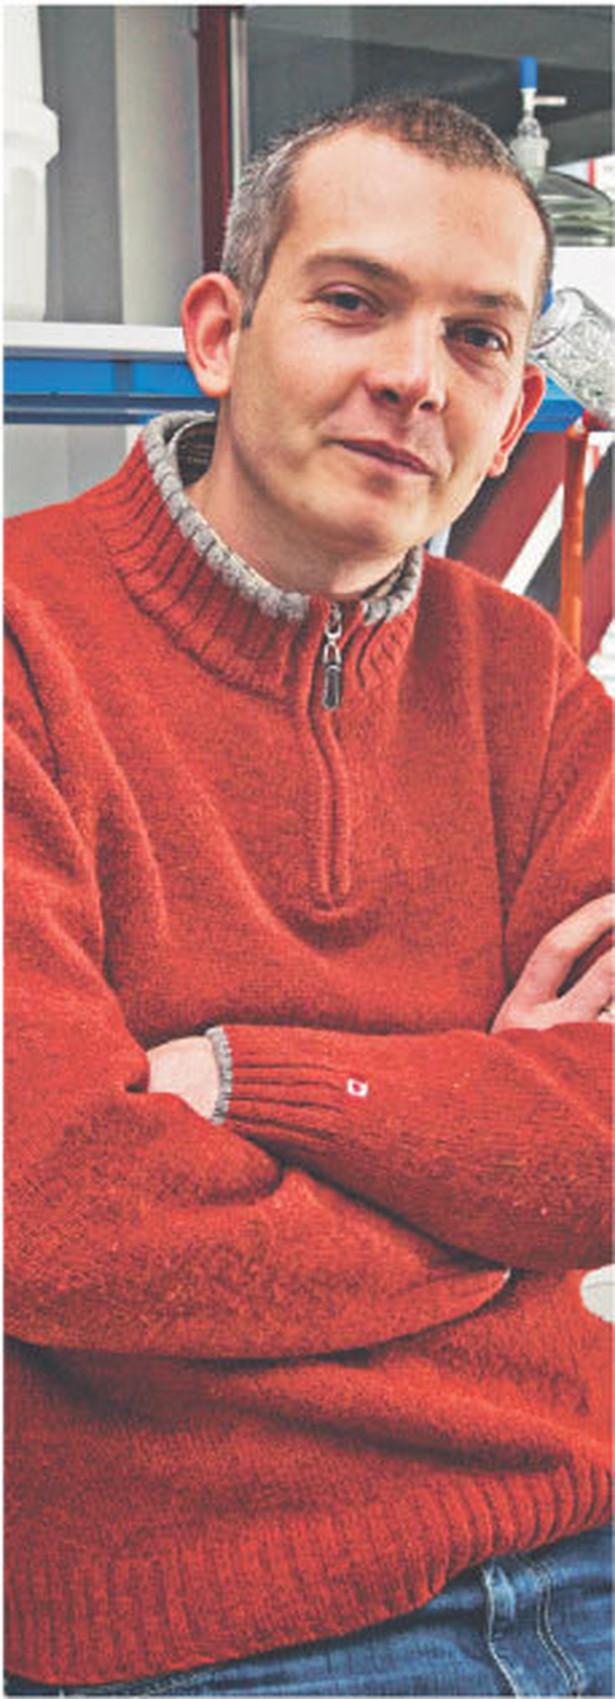 Michał Bieniek, doktor chemii, założyciel firmy Apeiron Synthesis Fot. Miłosz Poloch